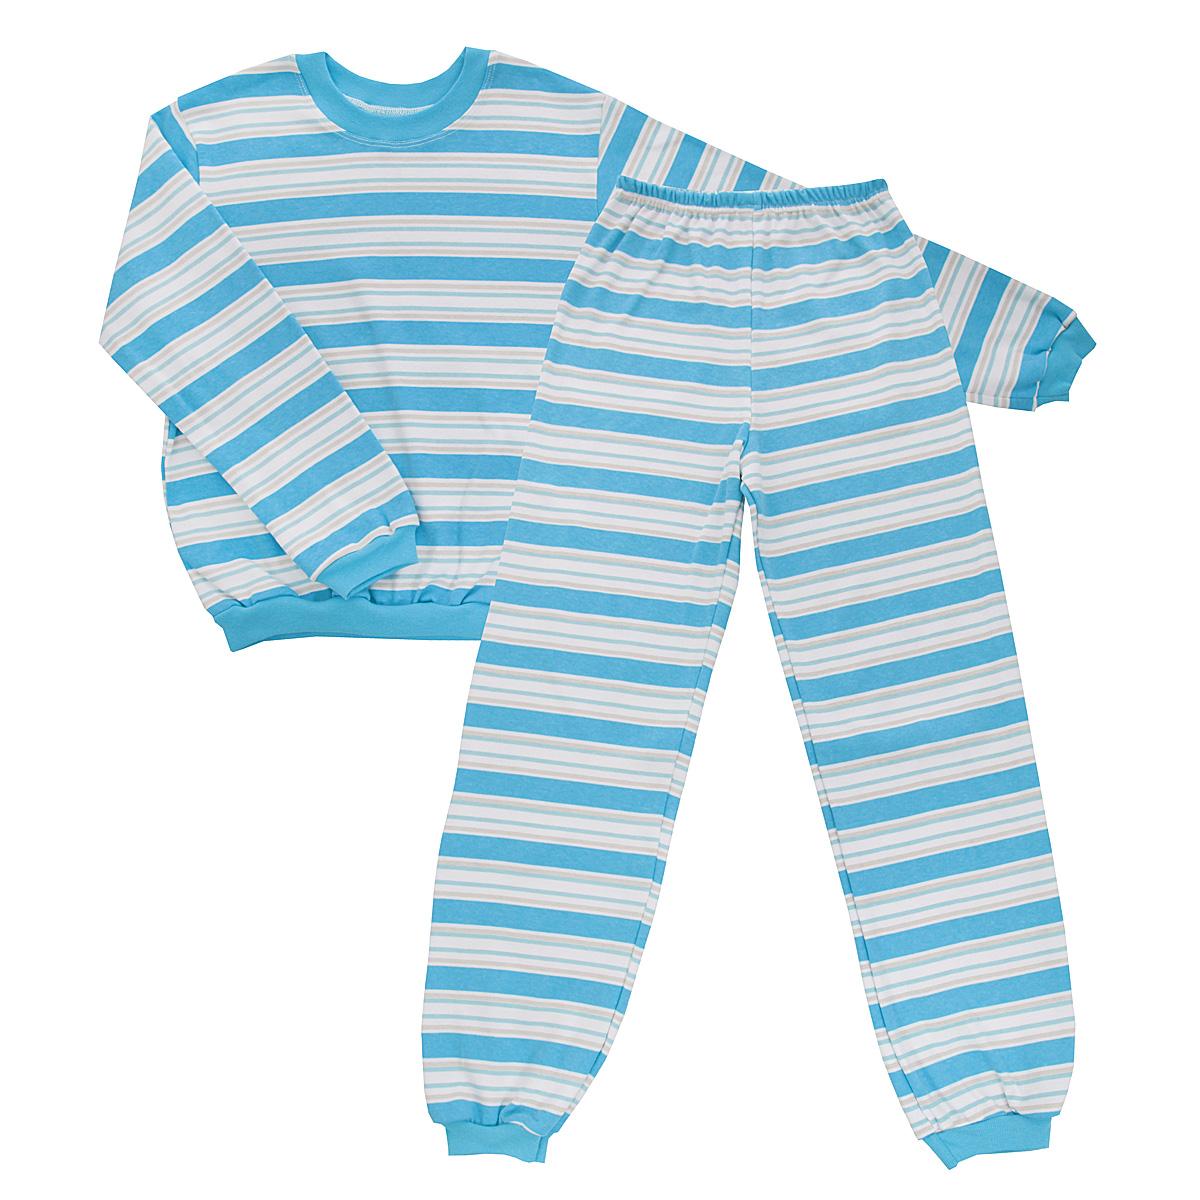 Пижама5555_полоскаУютная детская пижама Трон-плюс, состоящая из джемпера и брюк, идеально подойдет вашему ребенку и станет отличным дополнением к детскому гардеробу. Изготовленная из интерлока, она необычайно мягкая и легкая, не сковывает движения, позволяет коже дышать и не раздражает даже самую нежную и чувствительную кожу ребенка. Трикотажный джемпер с длинными рукавами имеет круглый вырез горловины. Низ изделия, рукава и вырез горловины дополнены эластичной трикотажной резинкой контрастного цвета. Брюки на талии имеют эластичную резинку, благодаря чему не сдавливают живот ребенка и не сползают. Низ брючин дополнен широкими эластичными манжетами контрастного цвета. Оформлено изделие принтом в полоску. В такой пижаме ваш ребенок будет чувствовать себя комфортно и уютно во время сна.